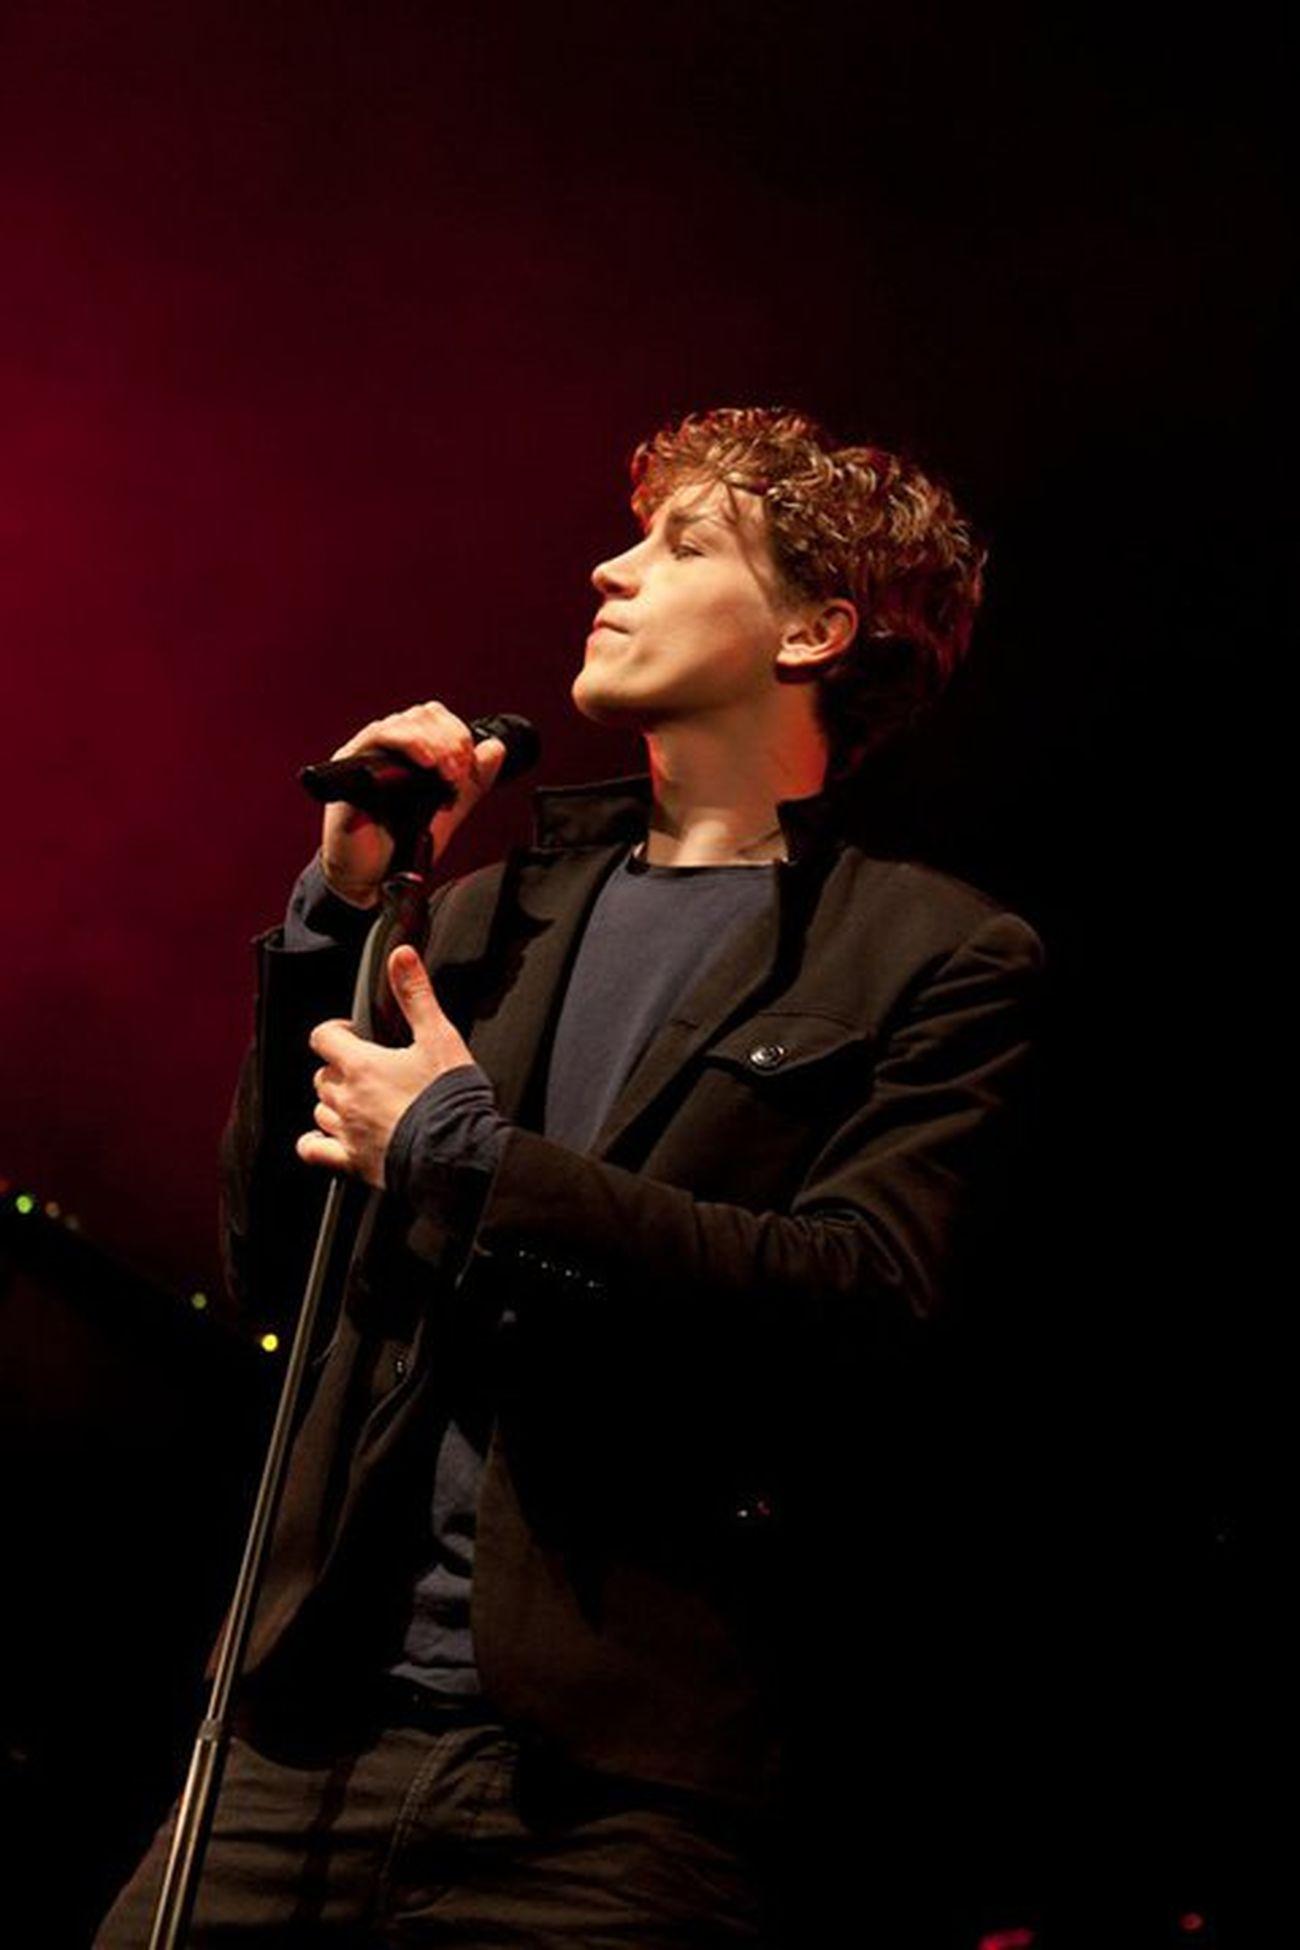 Love of my life <3 <3 <3 Niemand kann so schön singen wie er <3333Timbendzko Brudi Sexiness :) Unterdiehaut